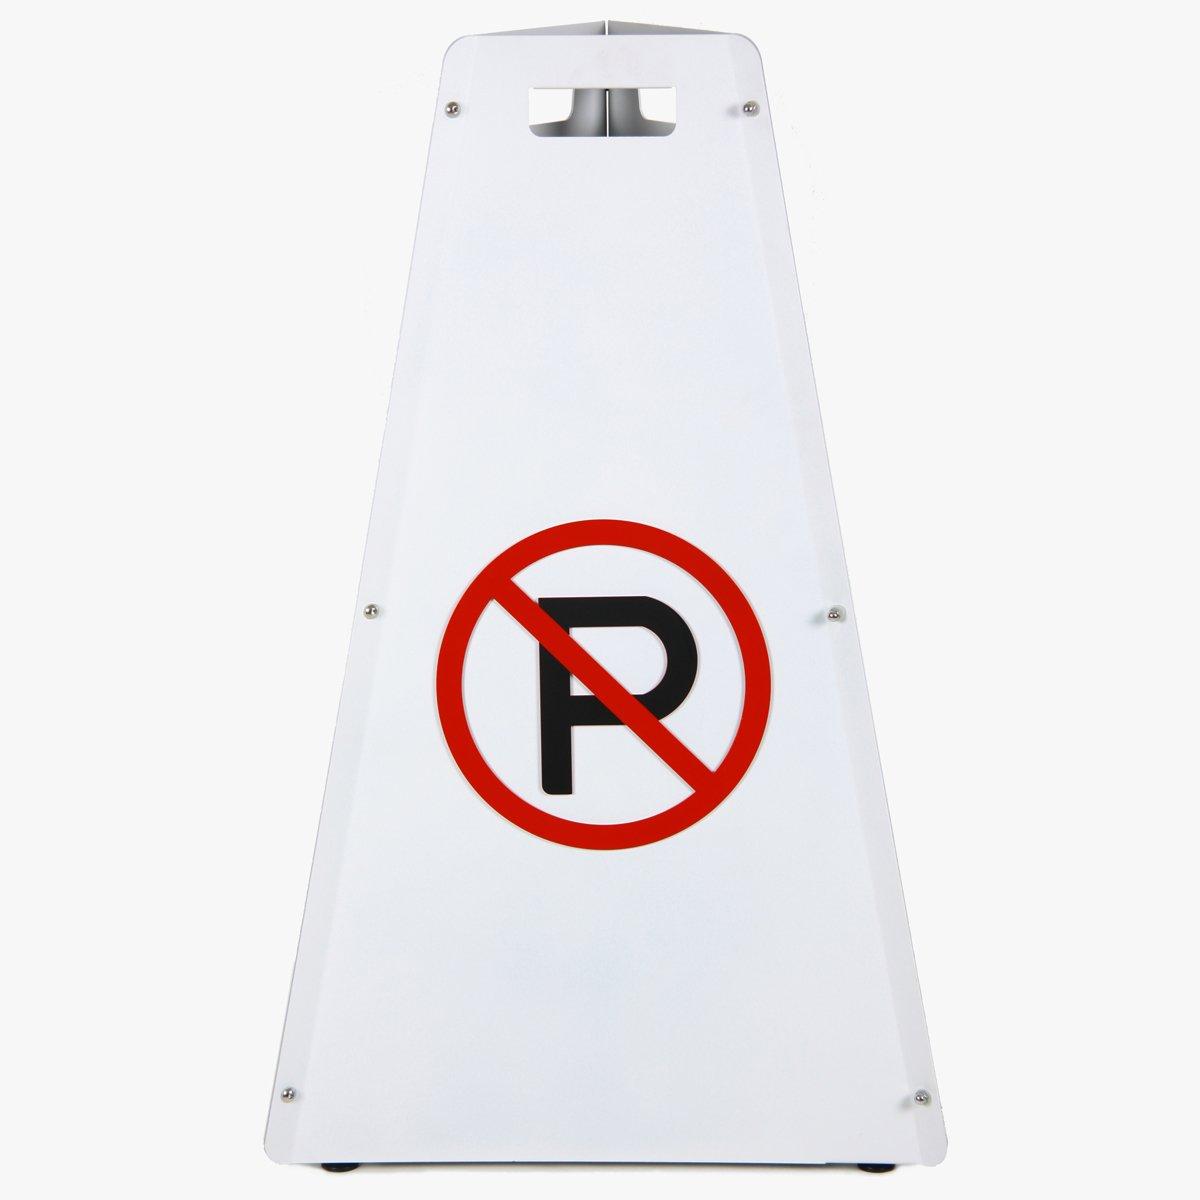 Luxycone(ラグジーコーン) 駐車禁止看板 高品質 贅沢な空間にふさわしい おしゃれ スタンド看板 No1 ホワイト マンション 商業施設 カフェ 店舗 会社 オフィス レストランに人気 B00GNRUSWO ラグジーコーンNo1/ホワイト ラグジーコーンNo1/ホワイト